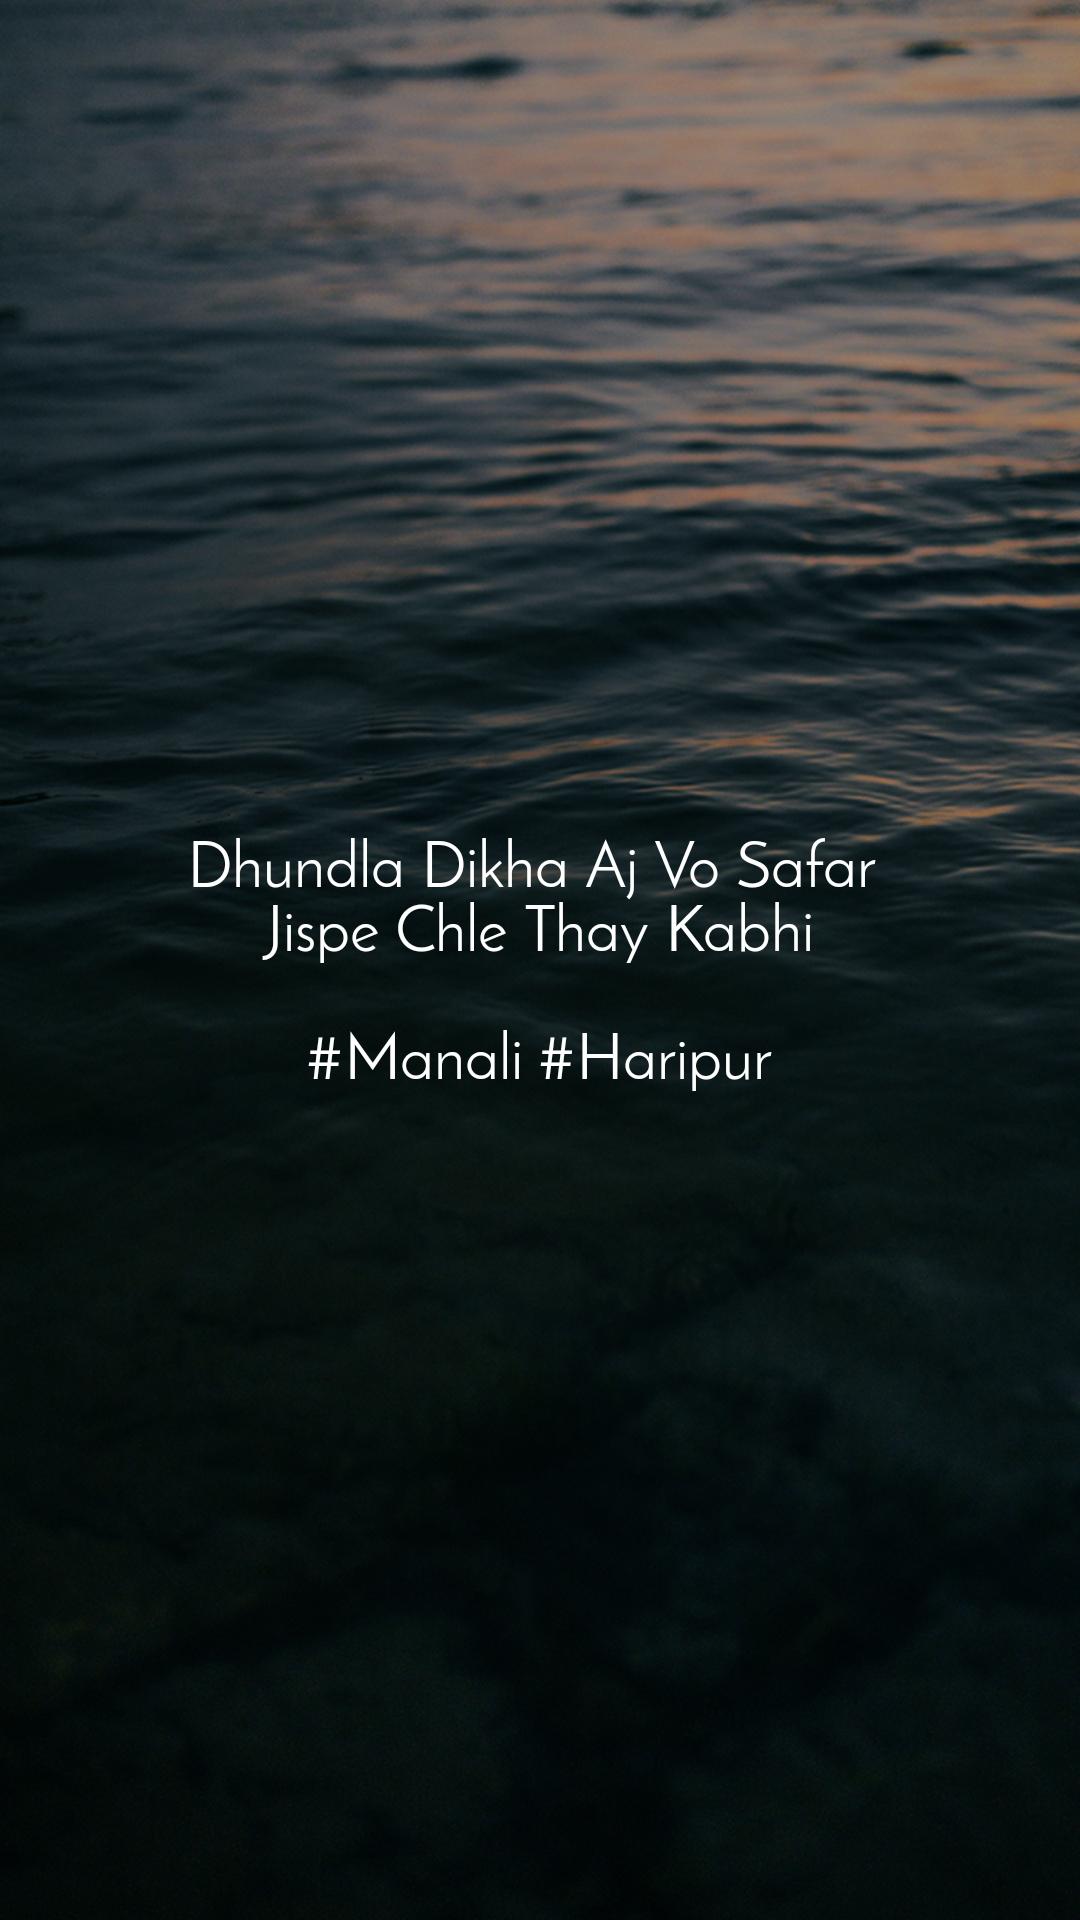 Dhundla Dikha Aj Vo Safar  Jispe Chle Thay Kabhi  #Manali #Haripur